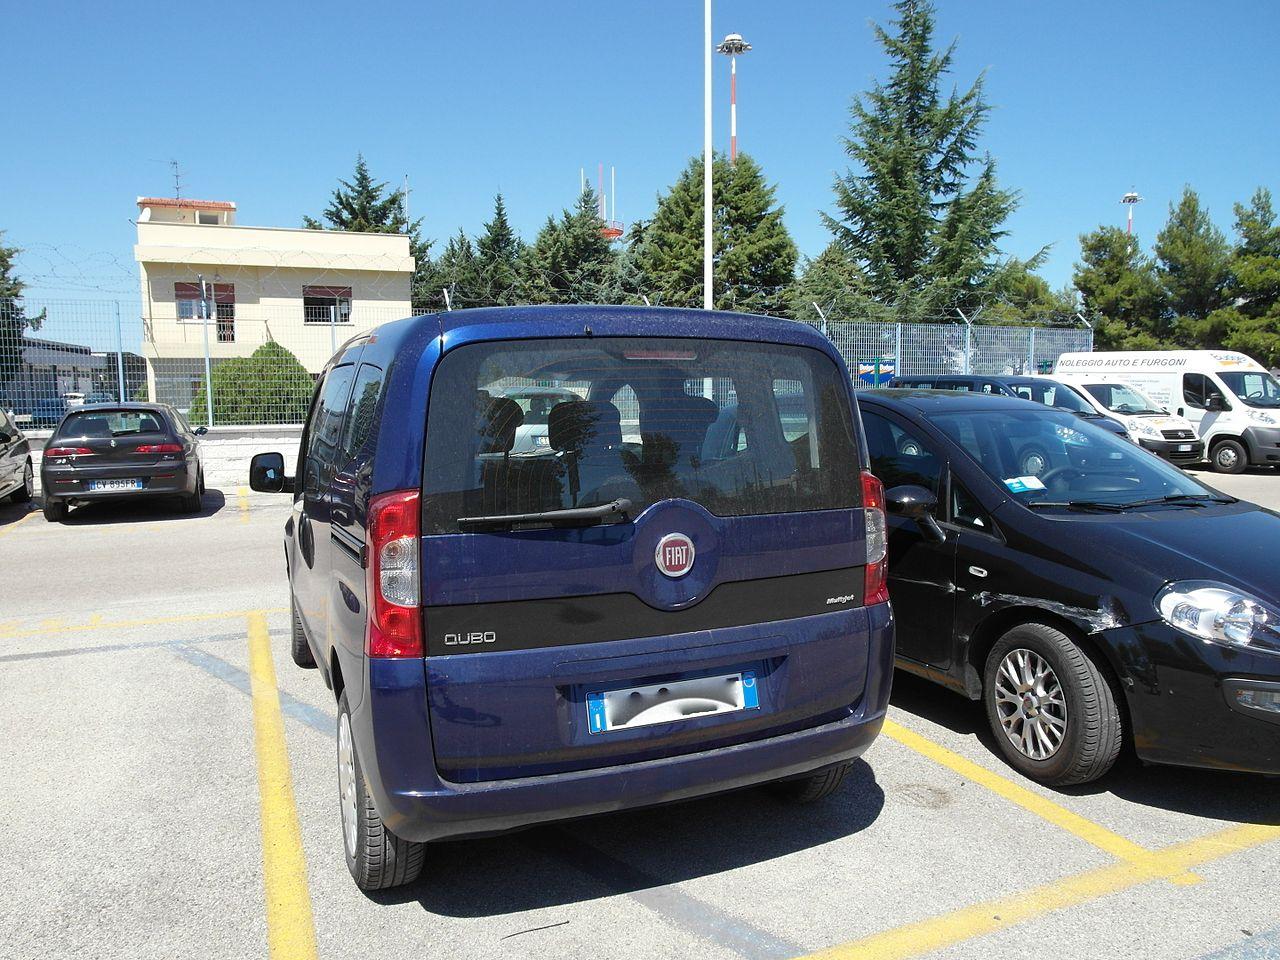 Fiat Fiorino - Wikipedia